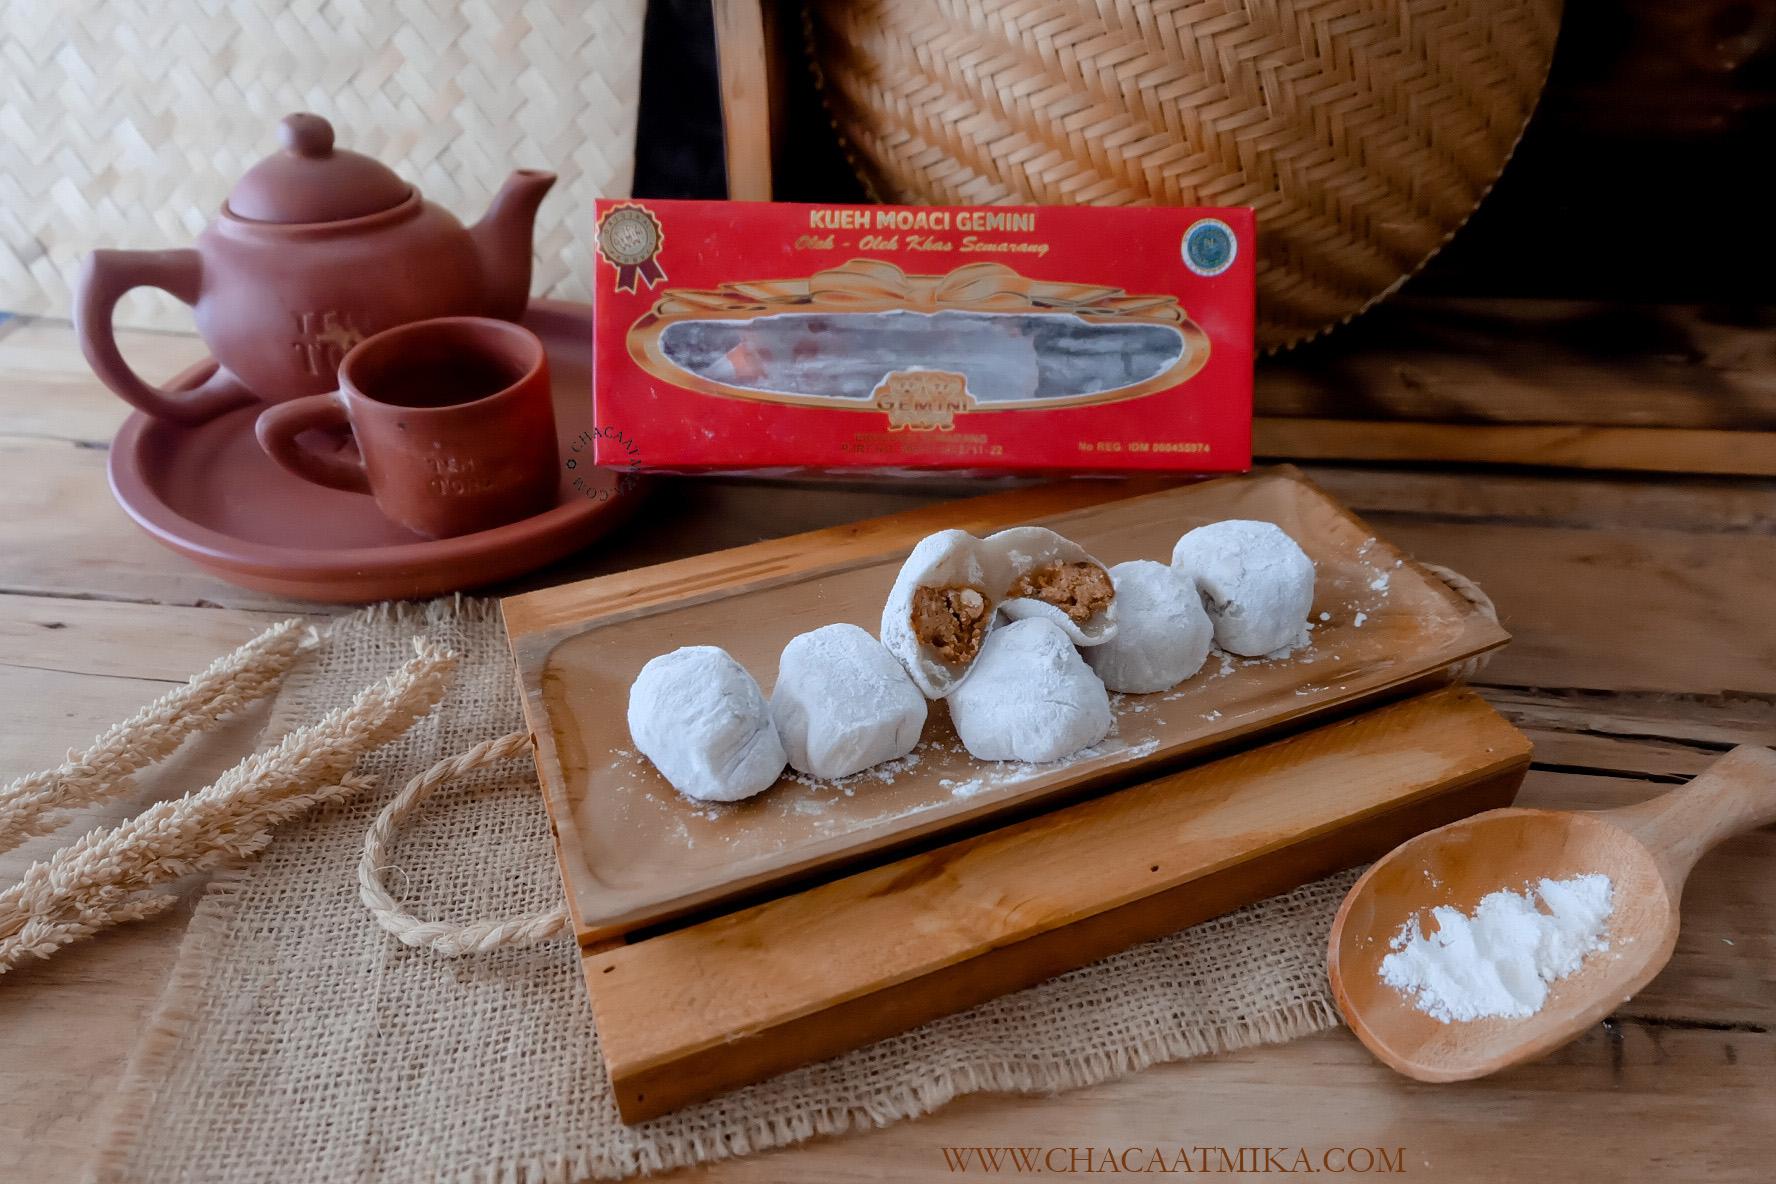 Review Kueh Moaci Gemini Semarang Original Tepung